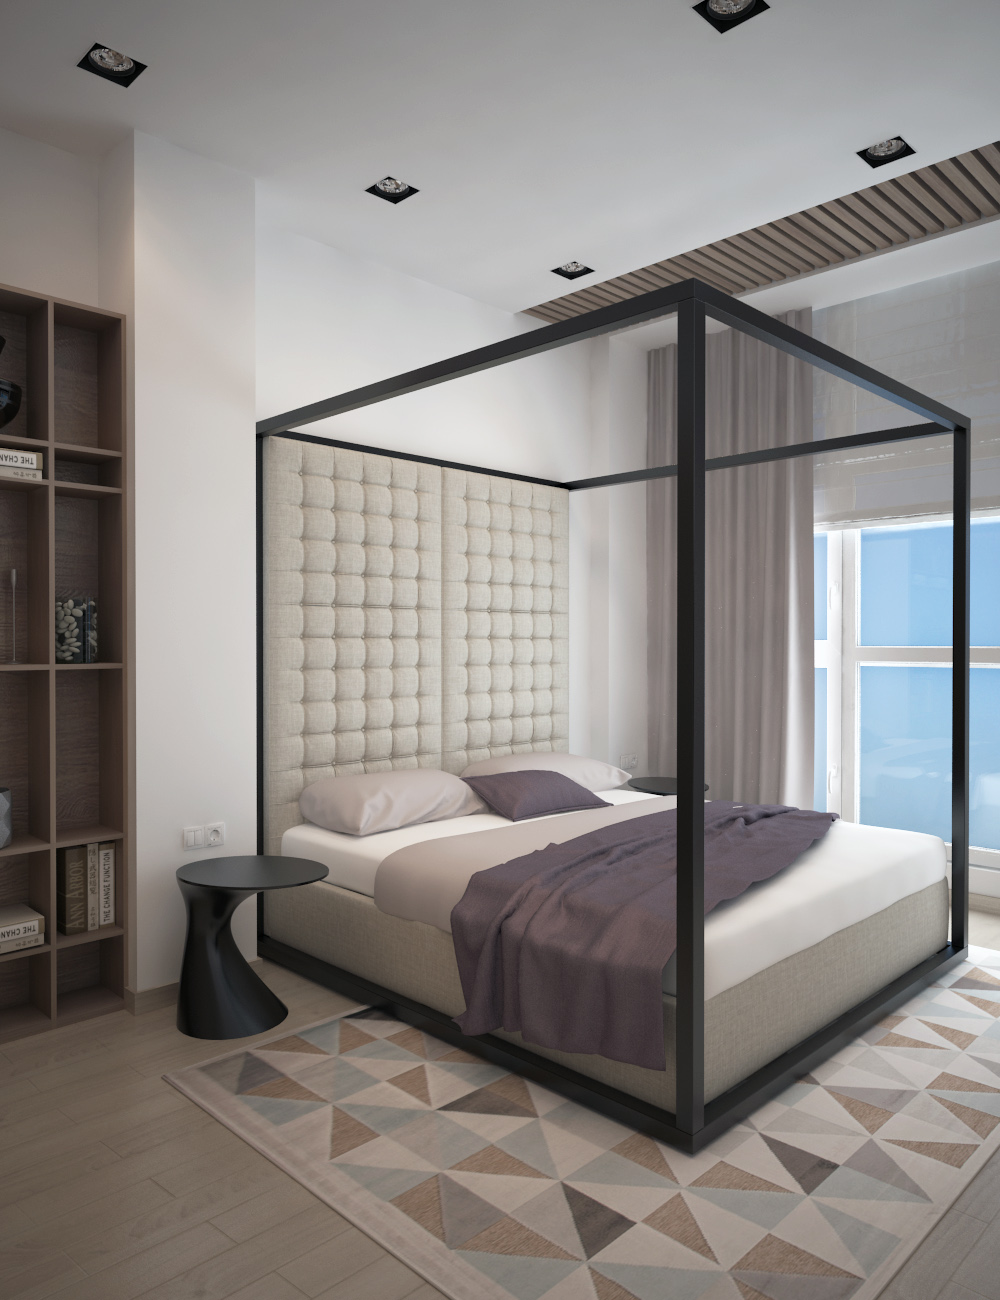 19_2_floor_bedroom 1_view 1 - Copy.jpg